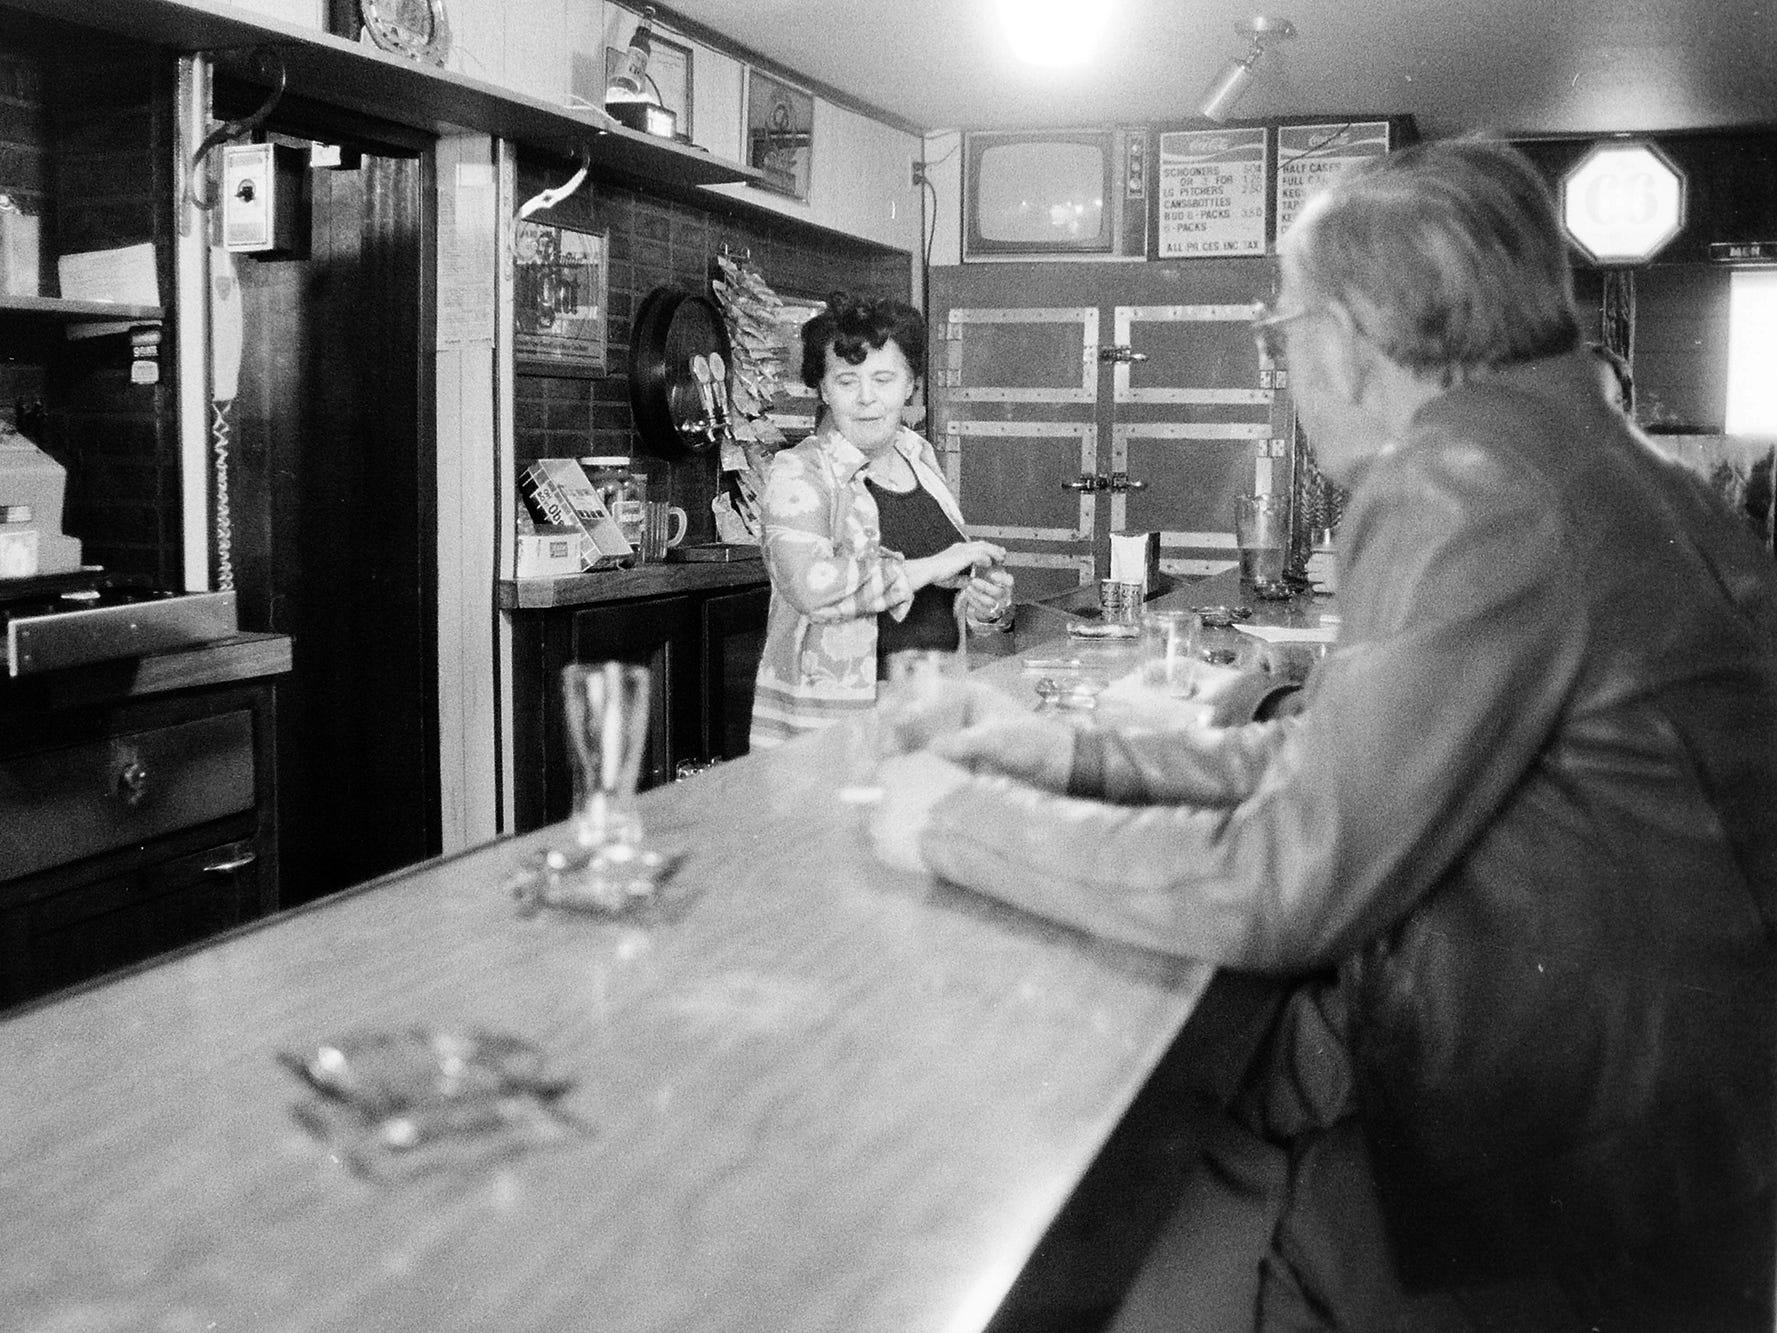 02/02/84Maple Leaf Tavern